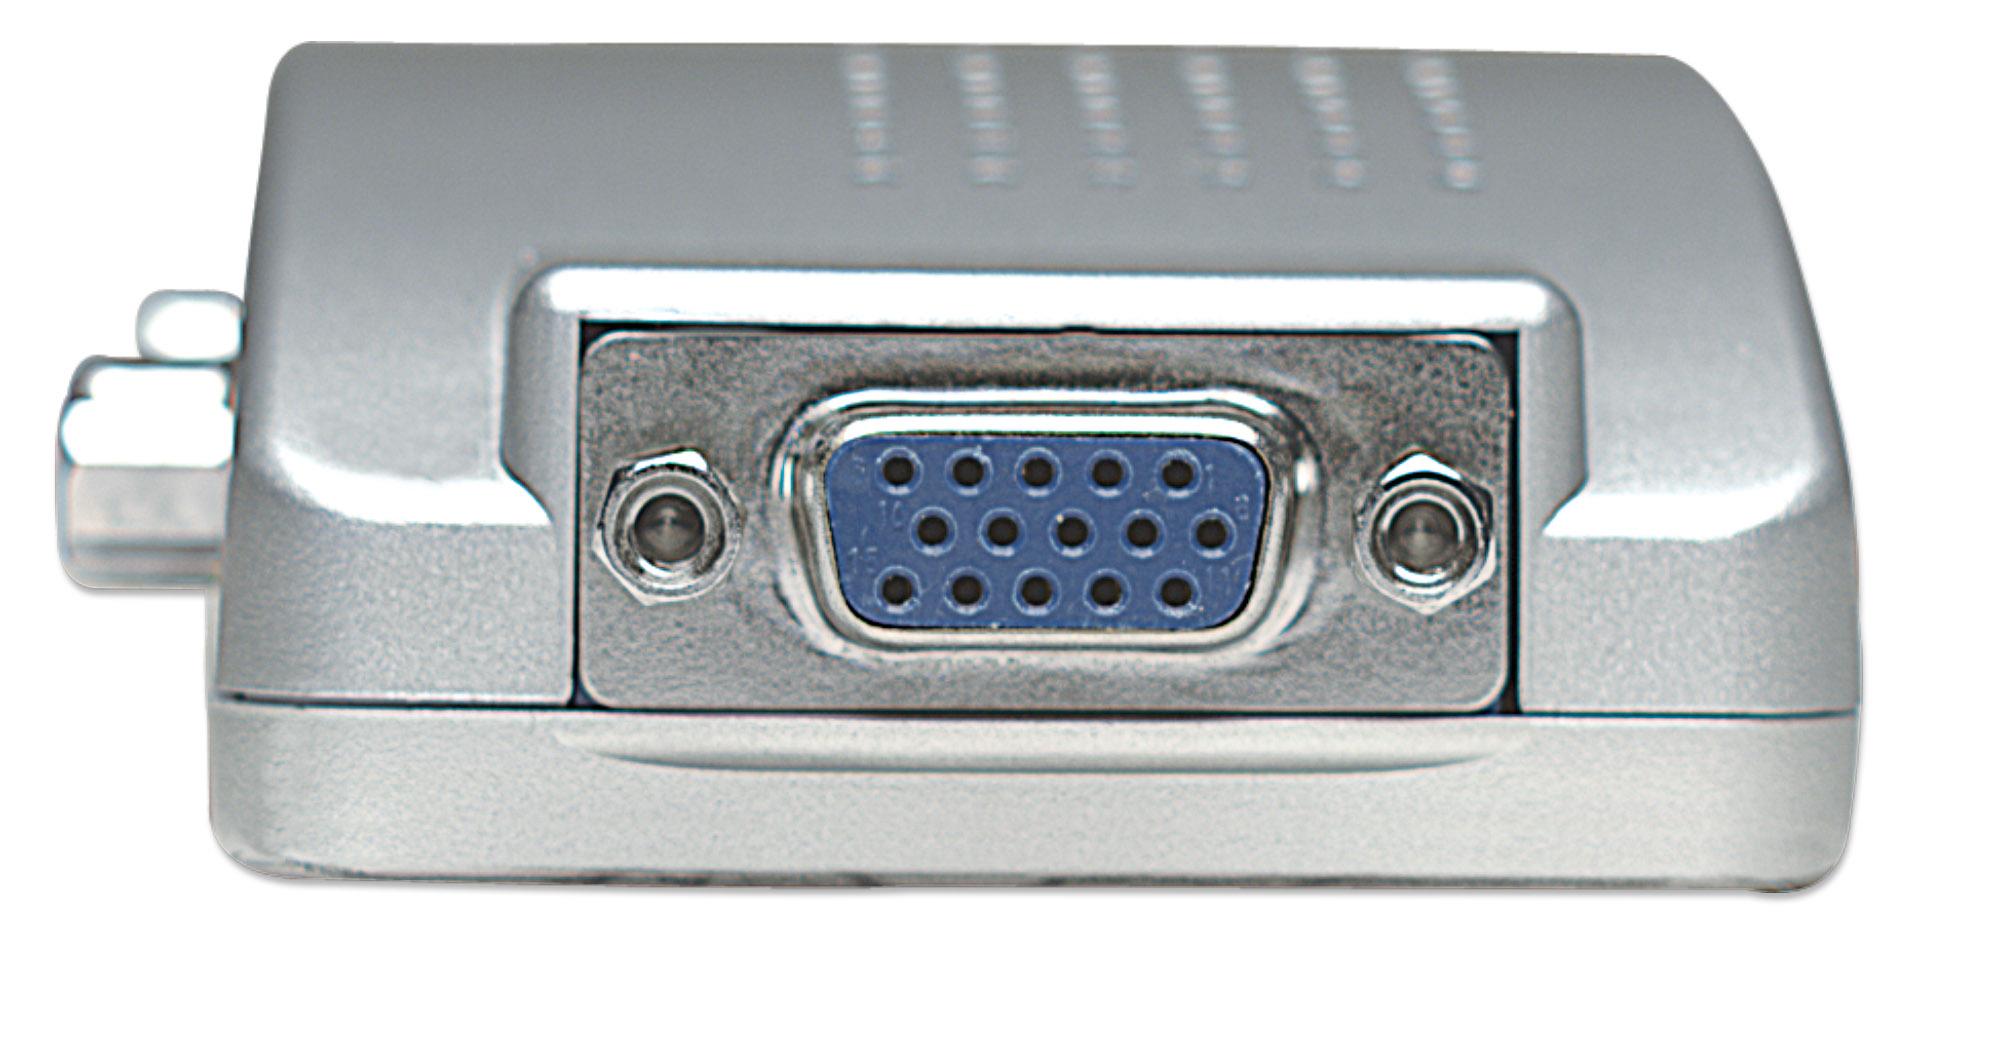 PC TV Converter